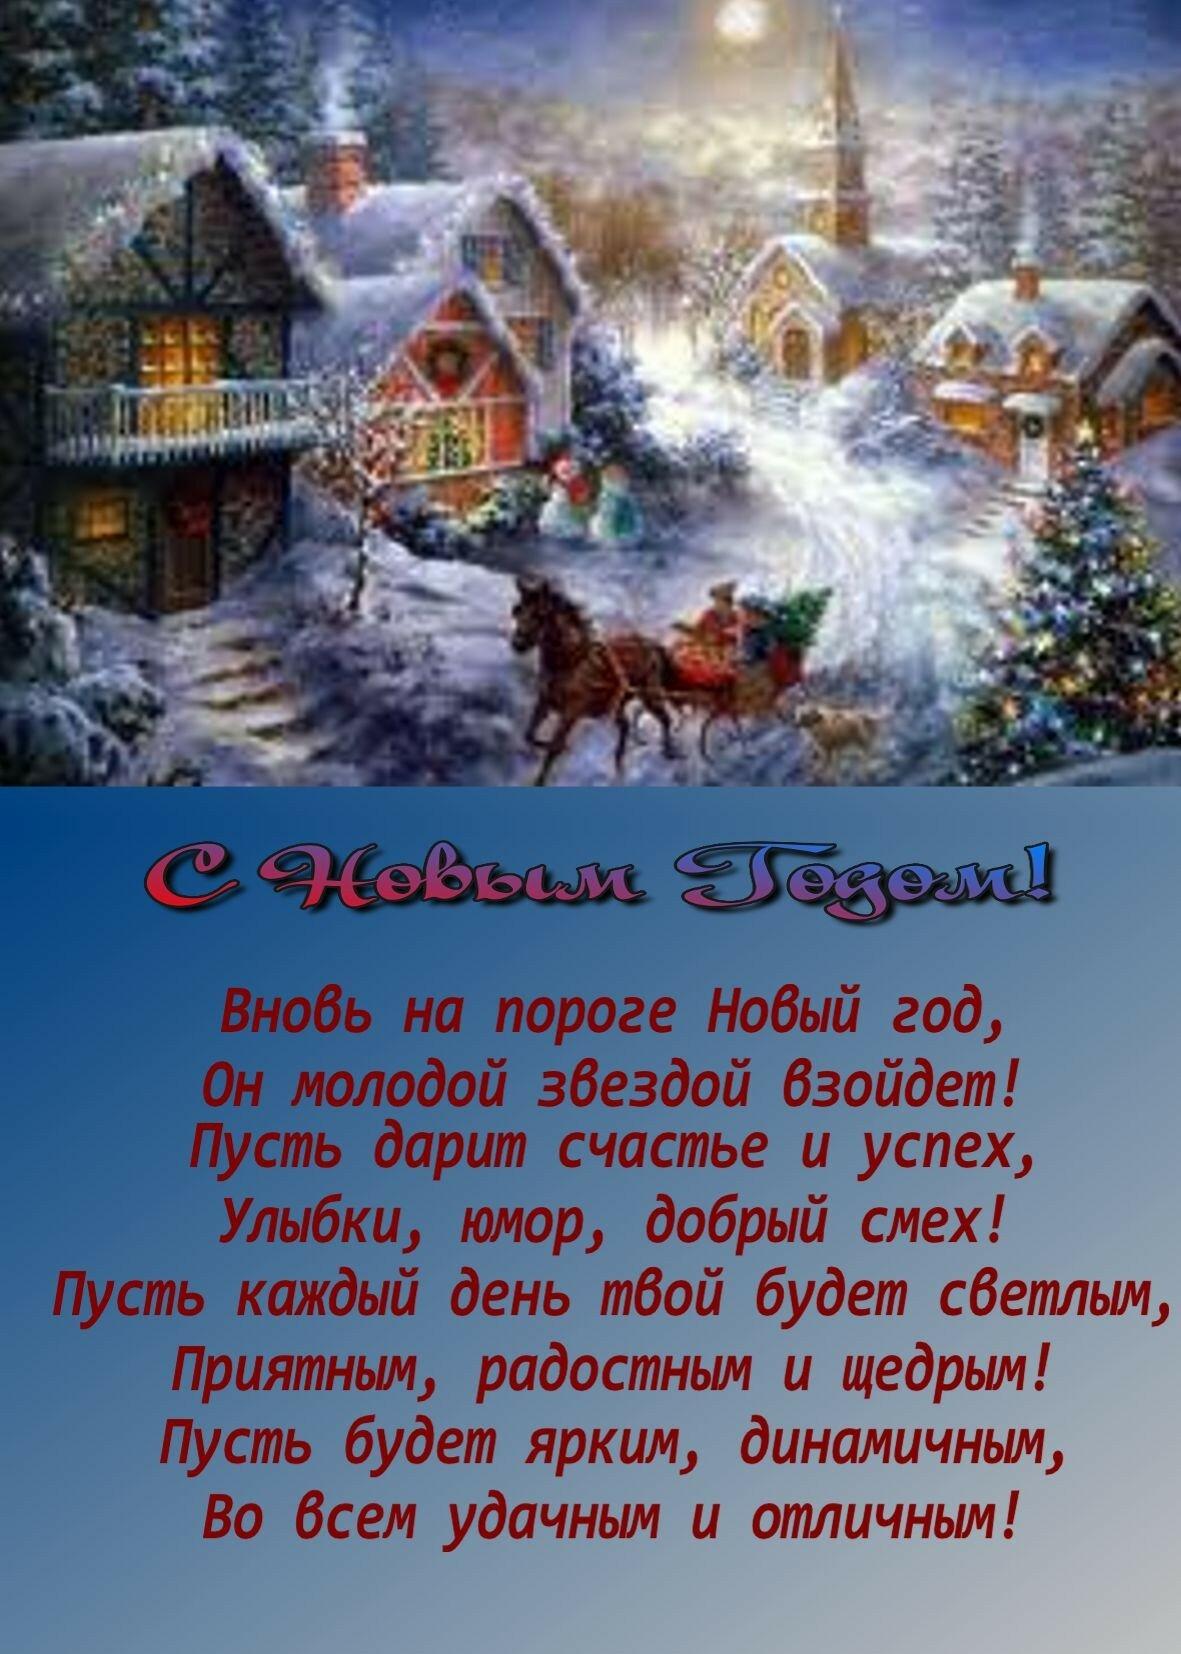 Новогодние поздравления красивые в стихах картинки